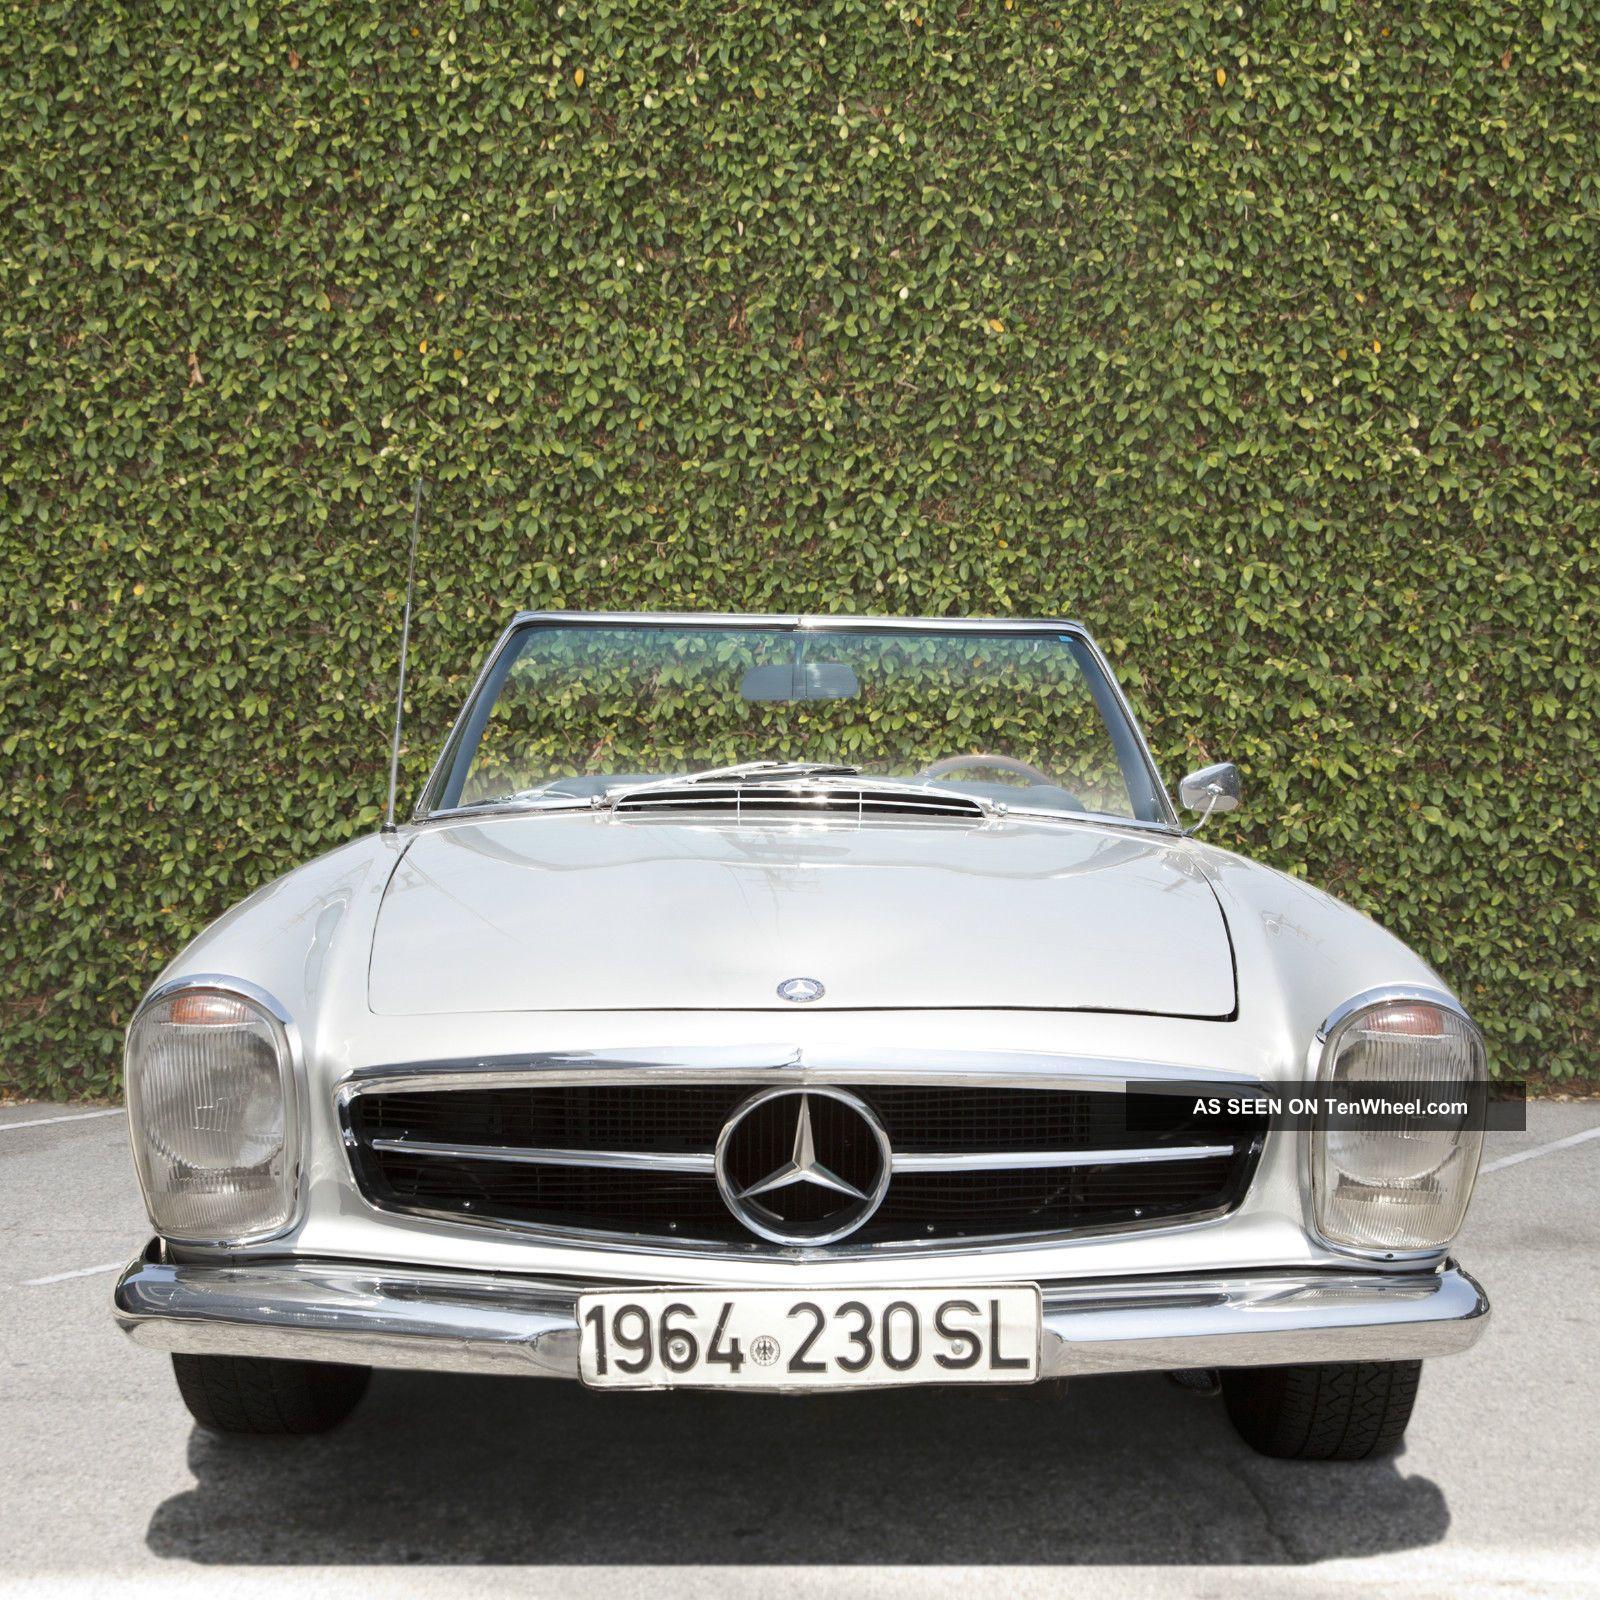 1964 230sl mercedes benz for 1964 mercedes benz 230sl